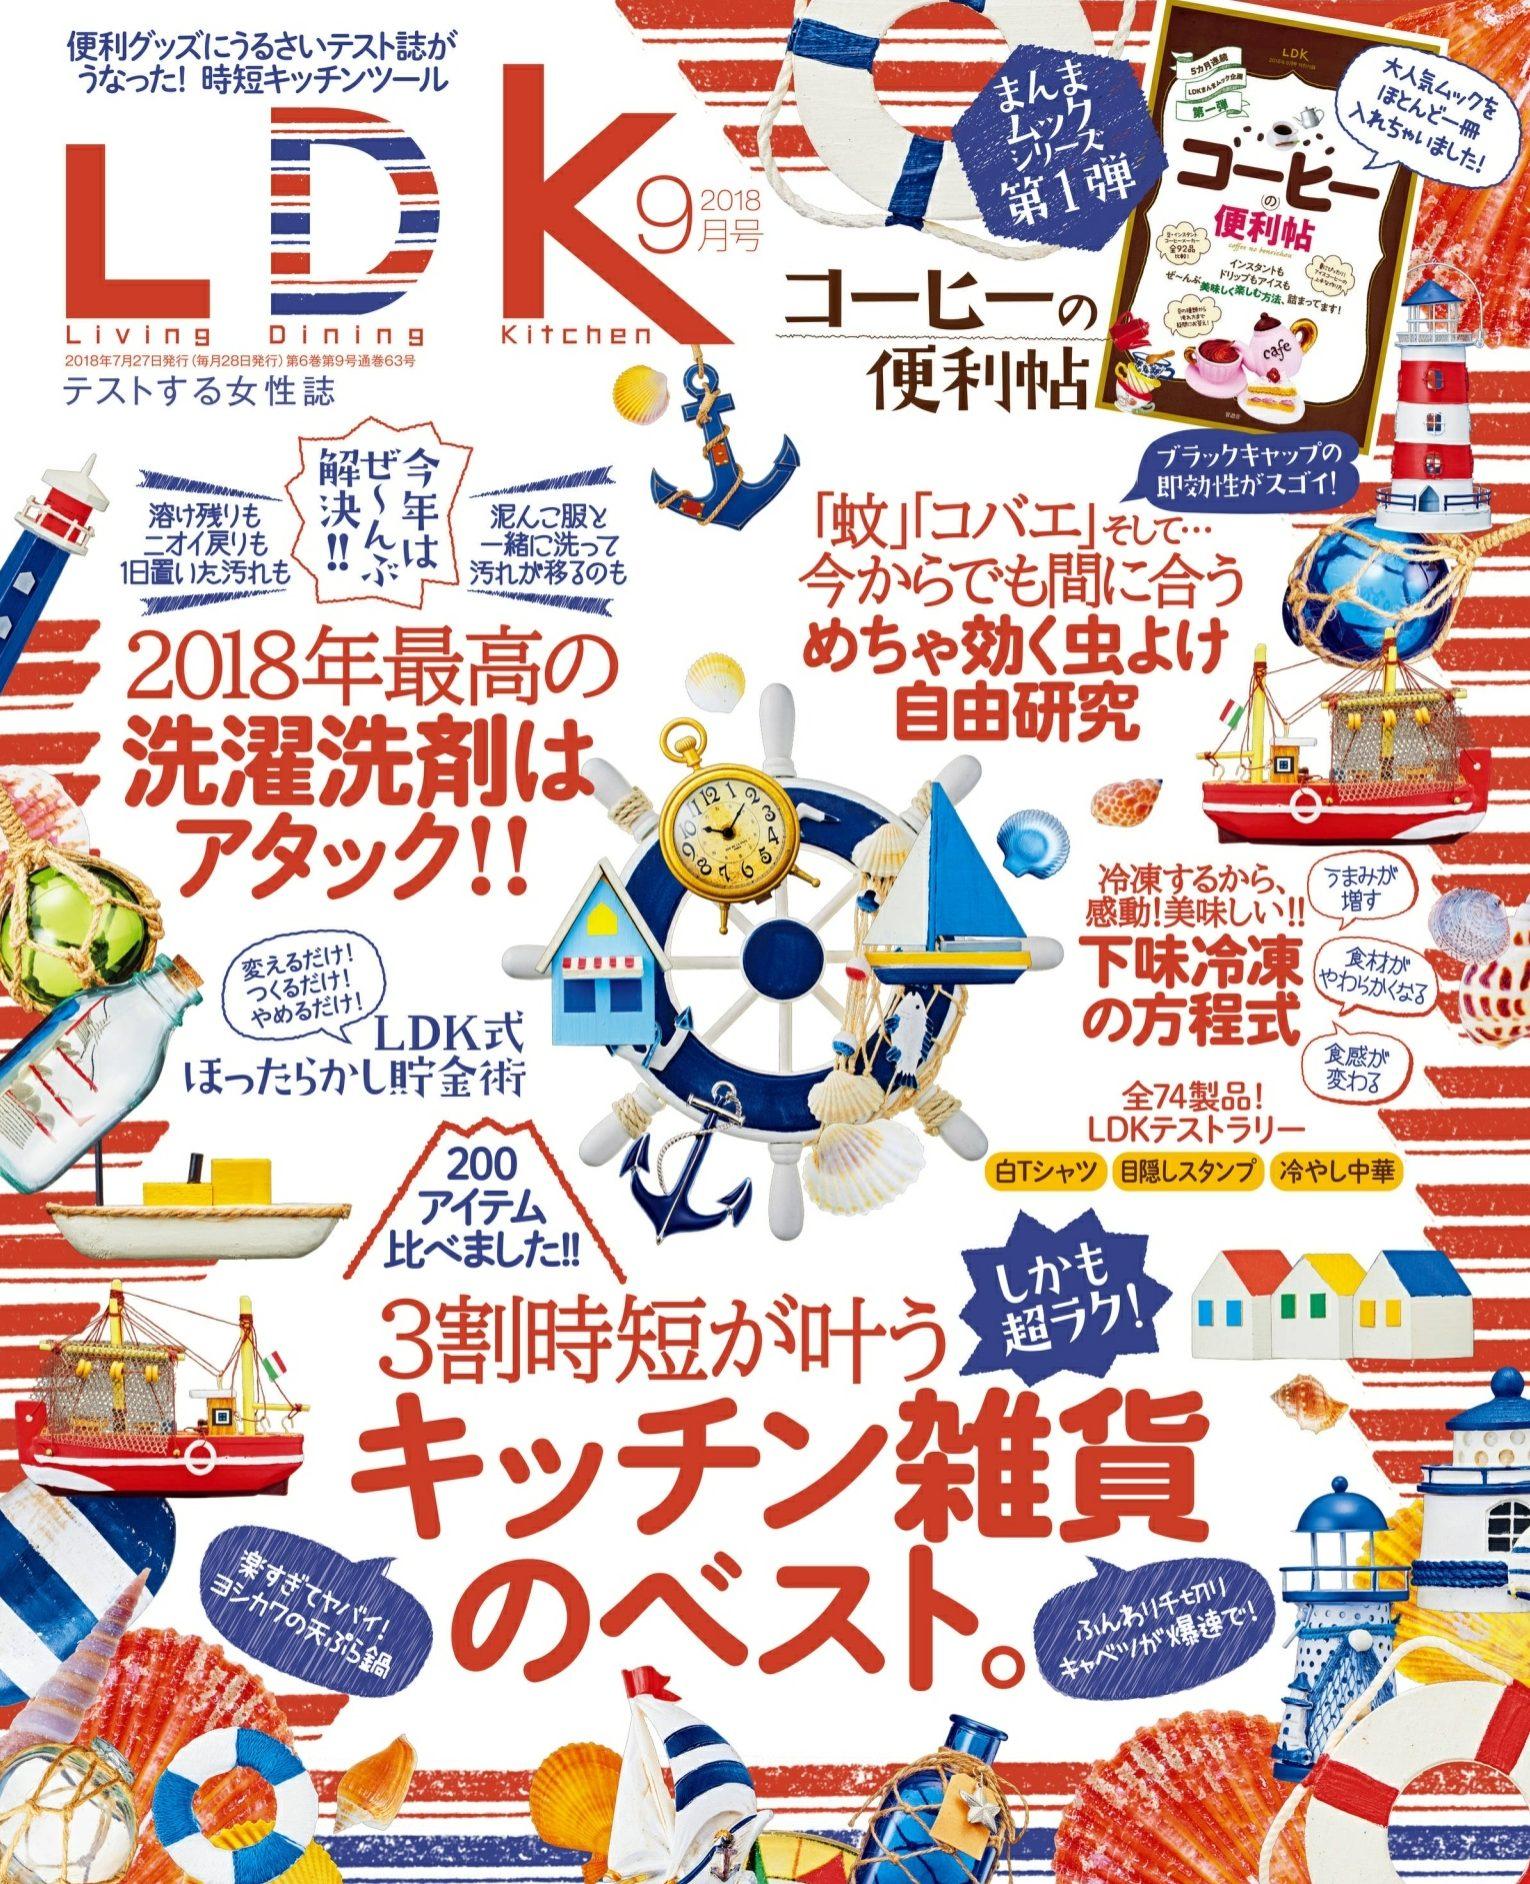 『LDK』2018.9月号表紙